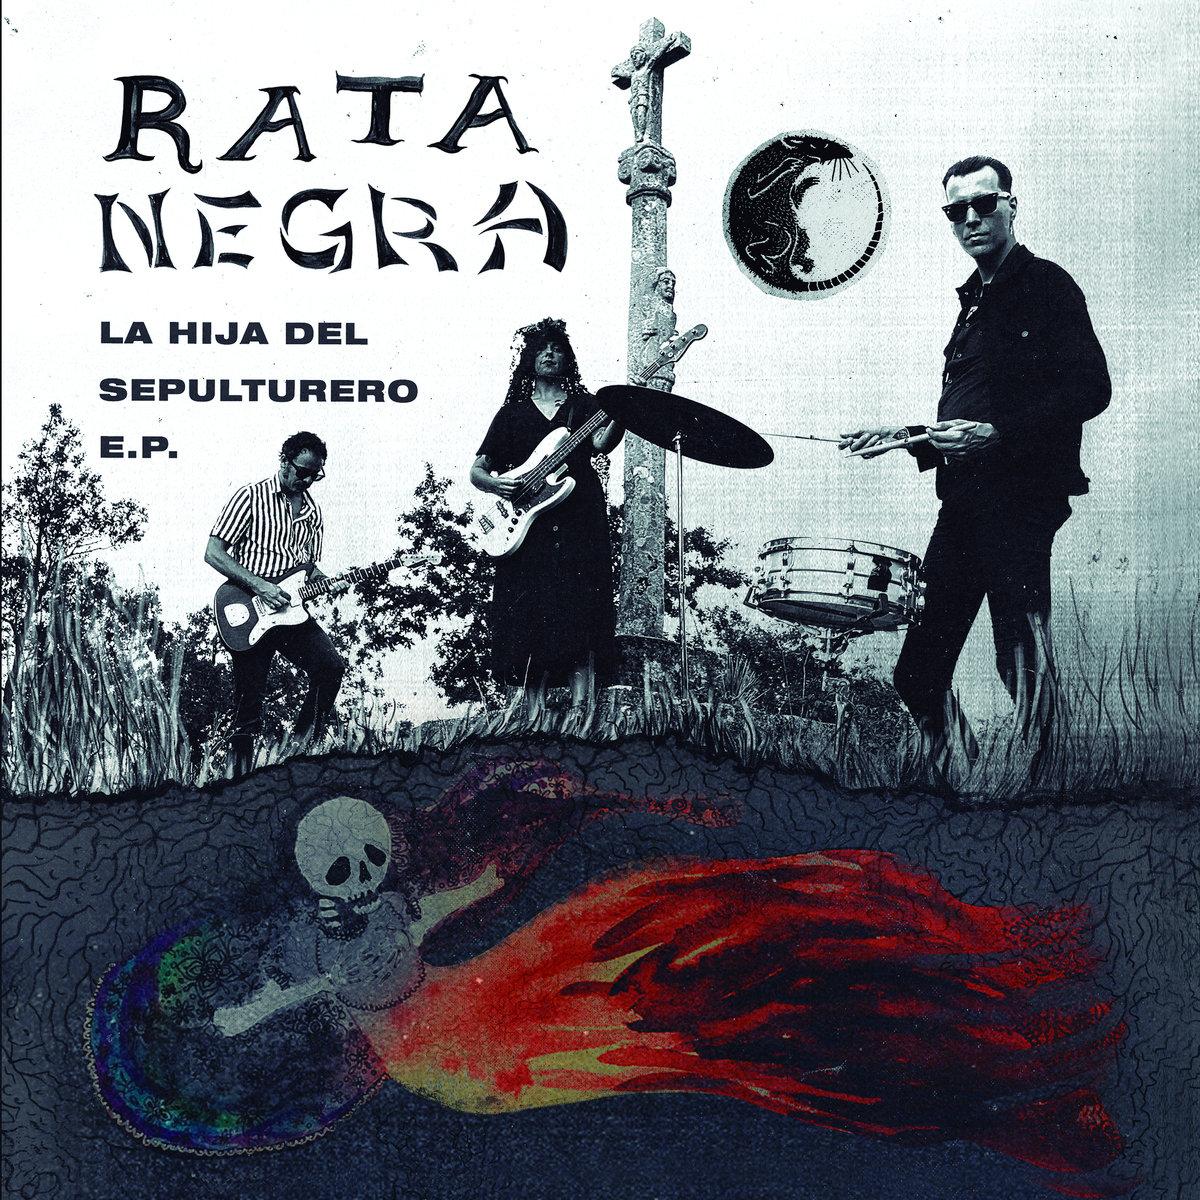 Rata Negra - La Hija Del Sepulturero EP 7